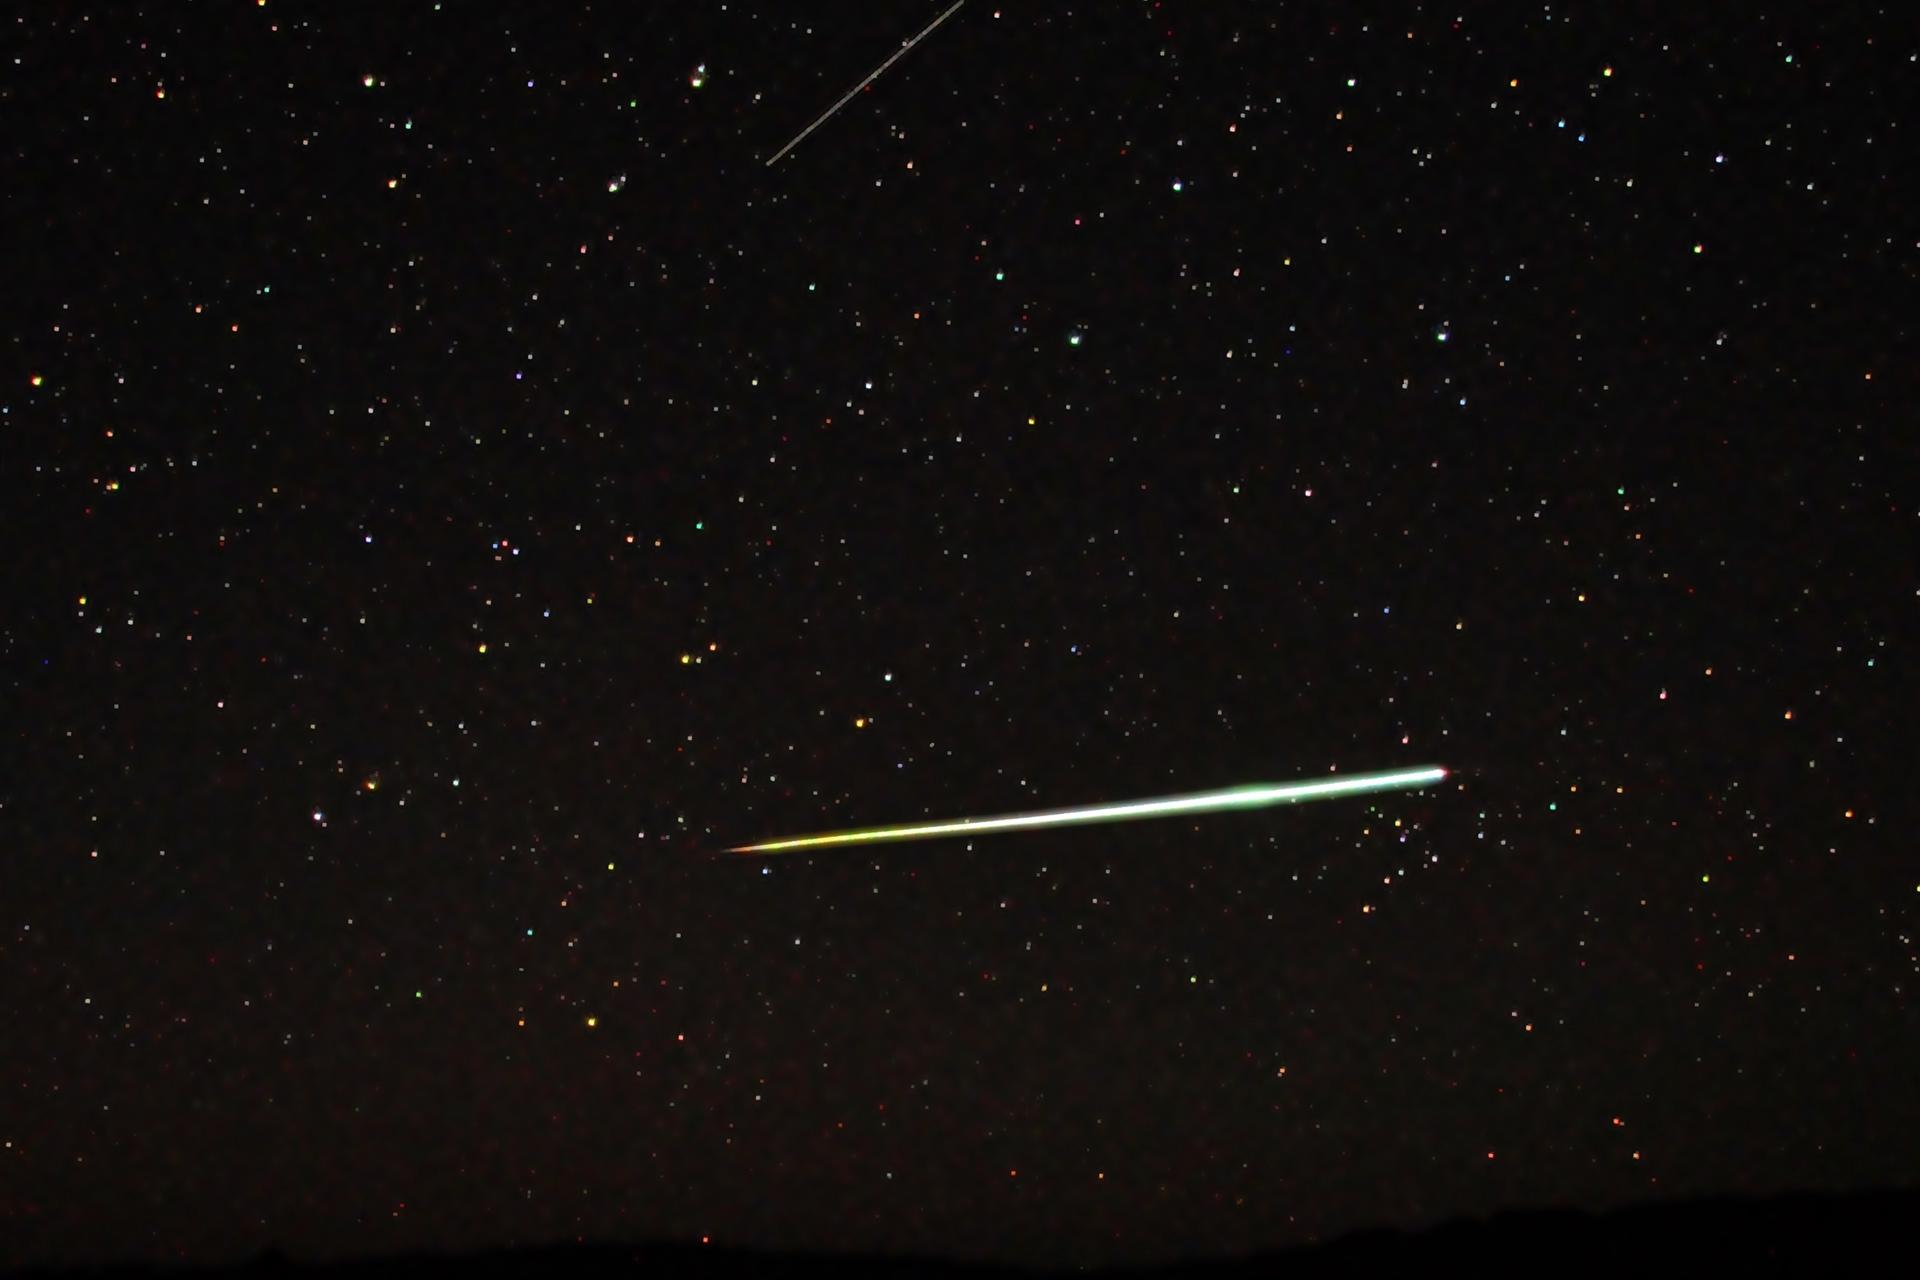 Fotografia prezentuje meteor. Na czarnym niebie widoczne gwiazdy wpostaci białych licznych punkty różnej wielkości. Na środku fotografii widoczna biała wąska smuga.